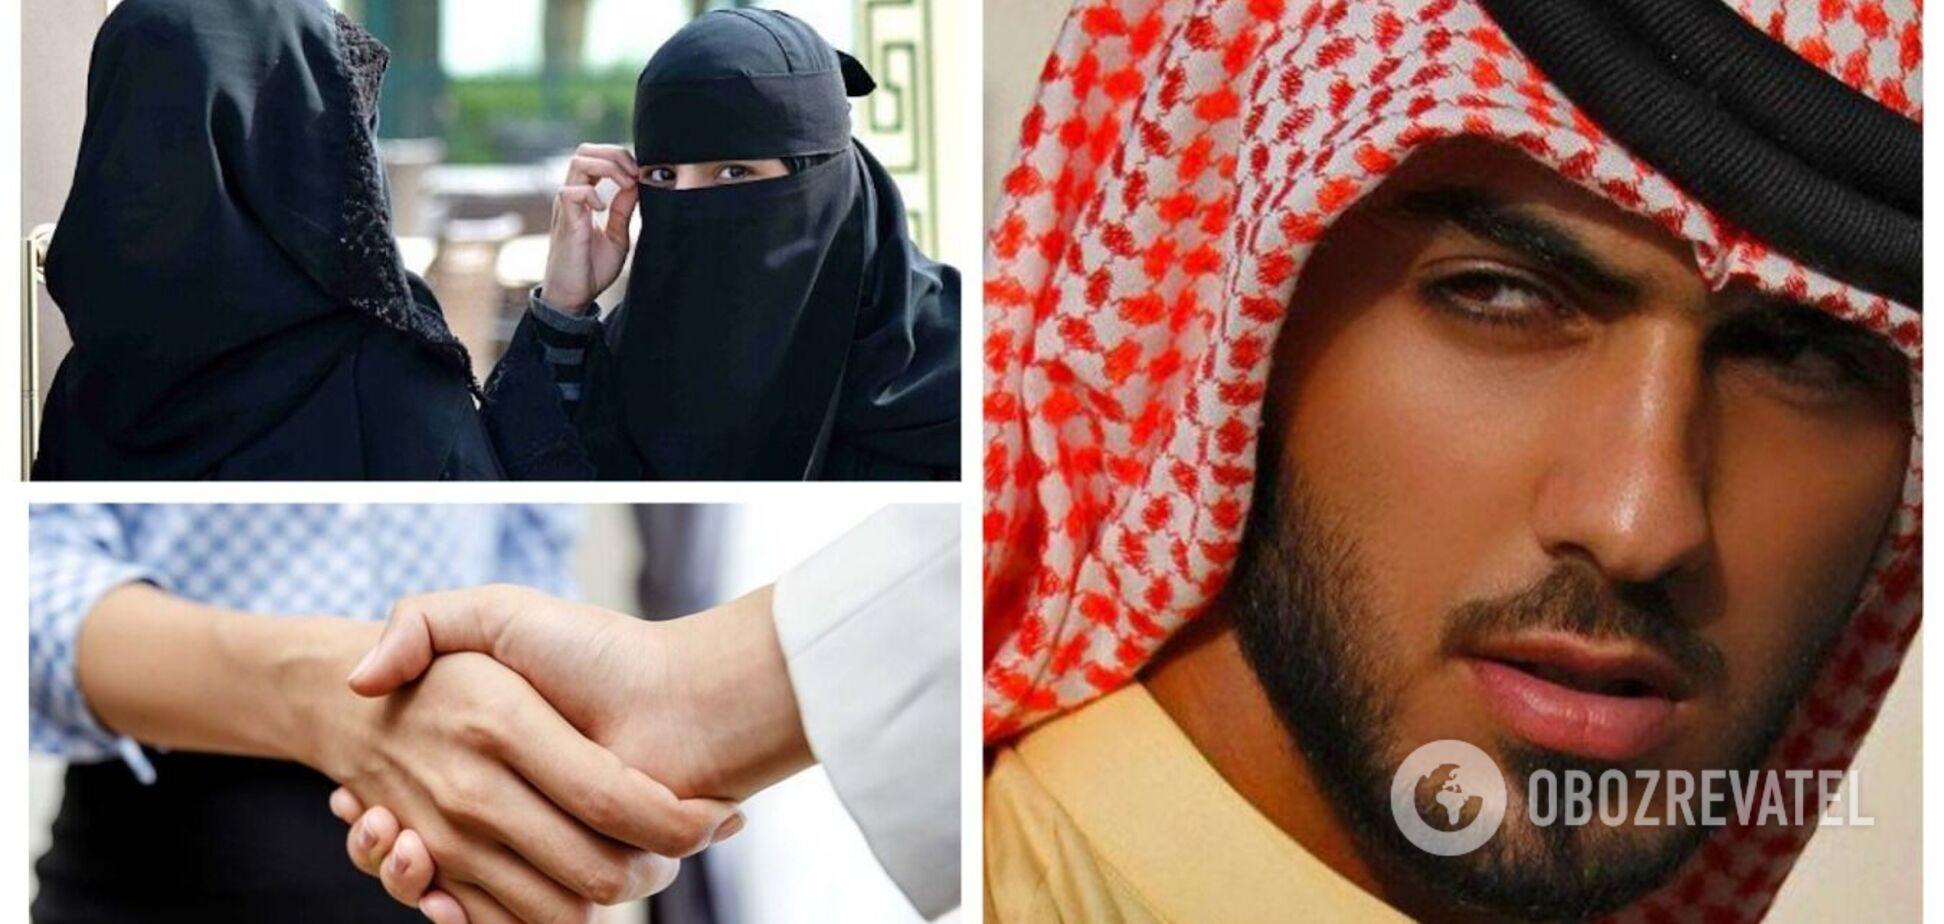 Как вести себя с арабами, чтобы не попасть в неловкую ситуацию. 10 правил